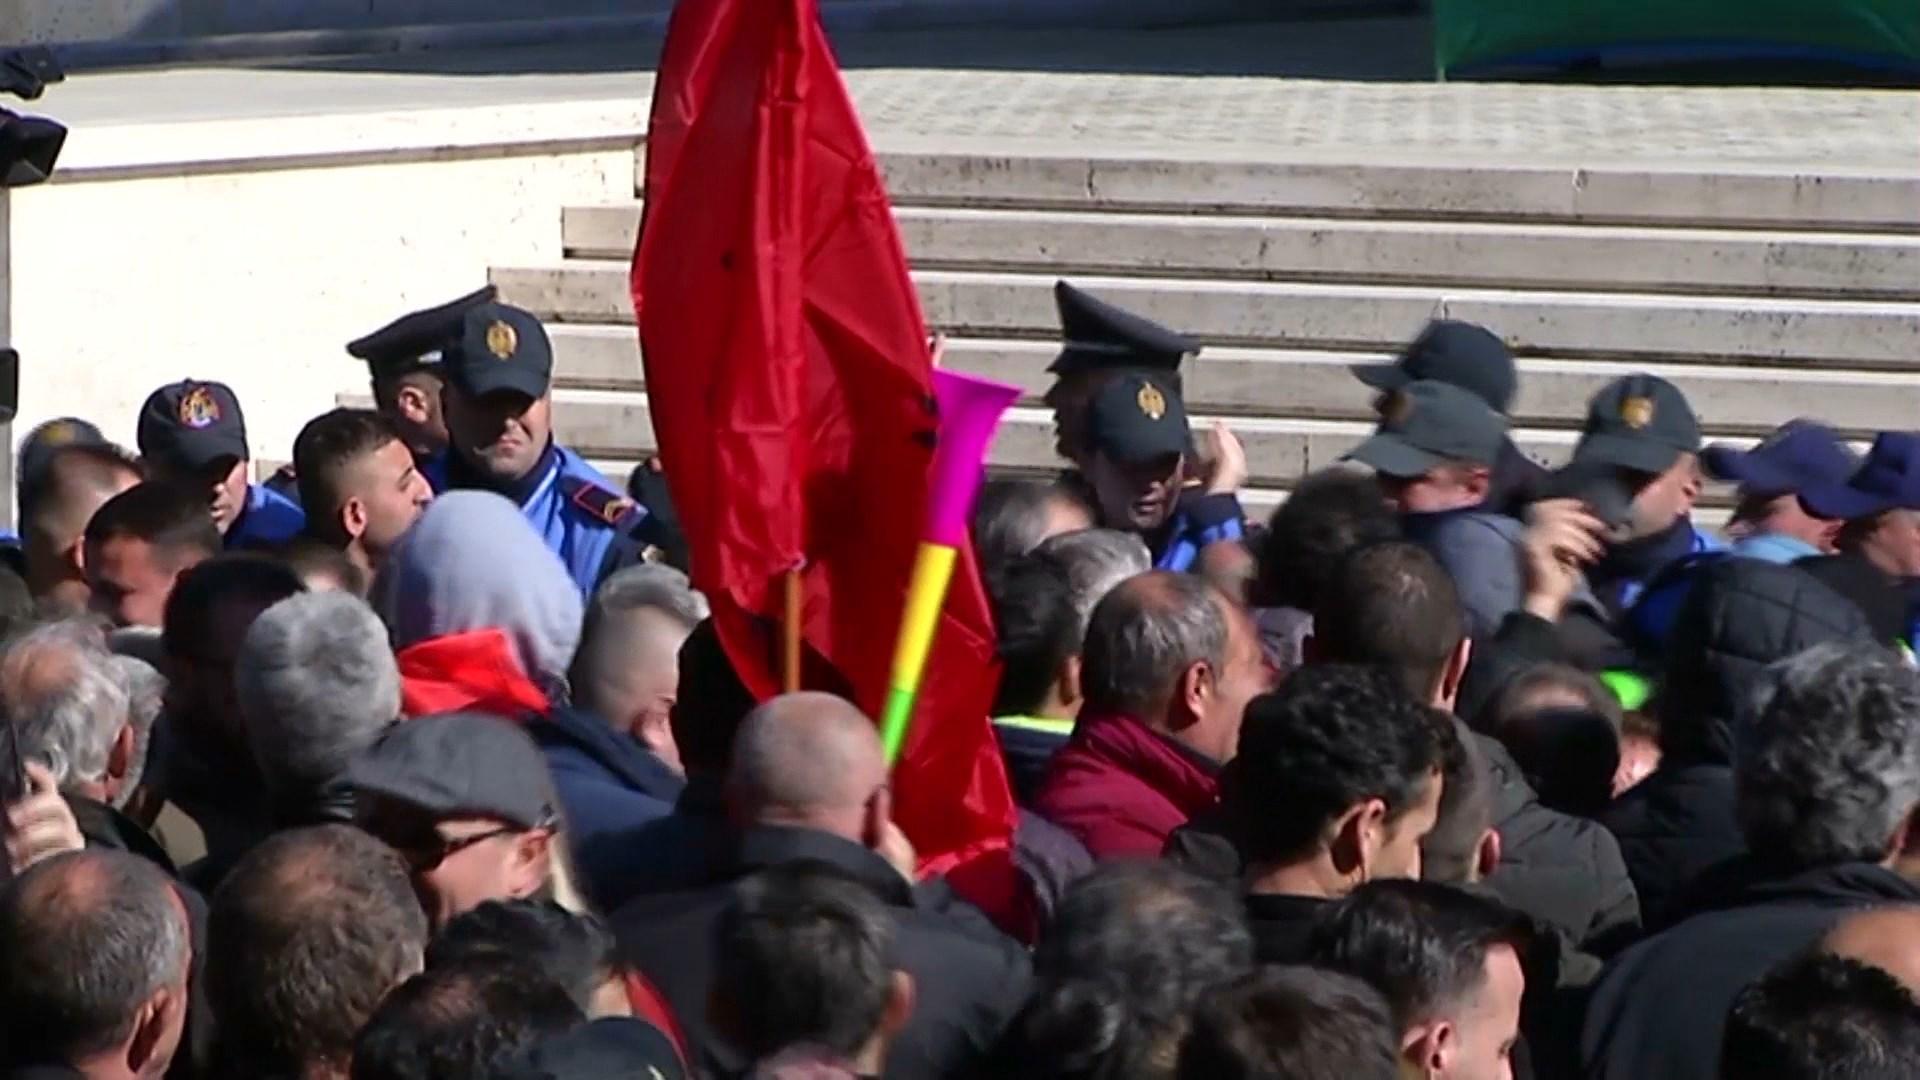 Dëmet në protestat e bulevardit/ Gjykata Administrative rrëzon bashkinë anulon gjobat ndaj PD